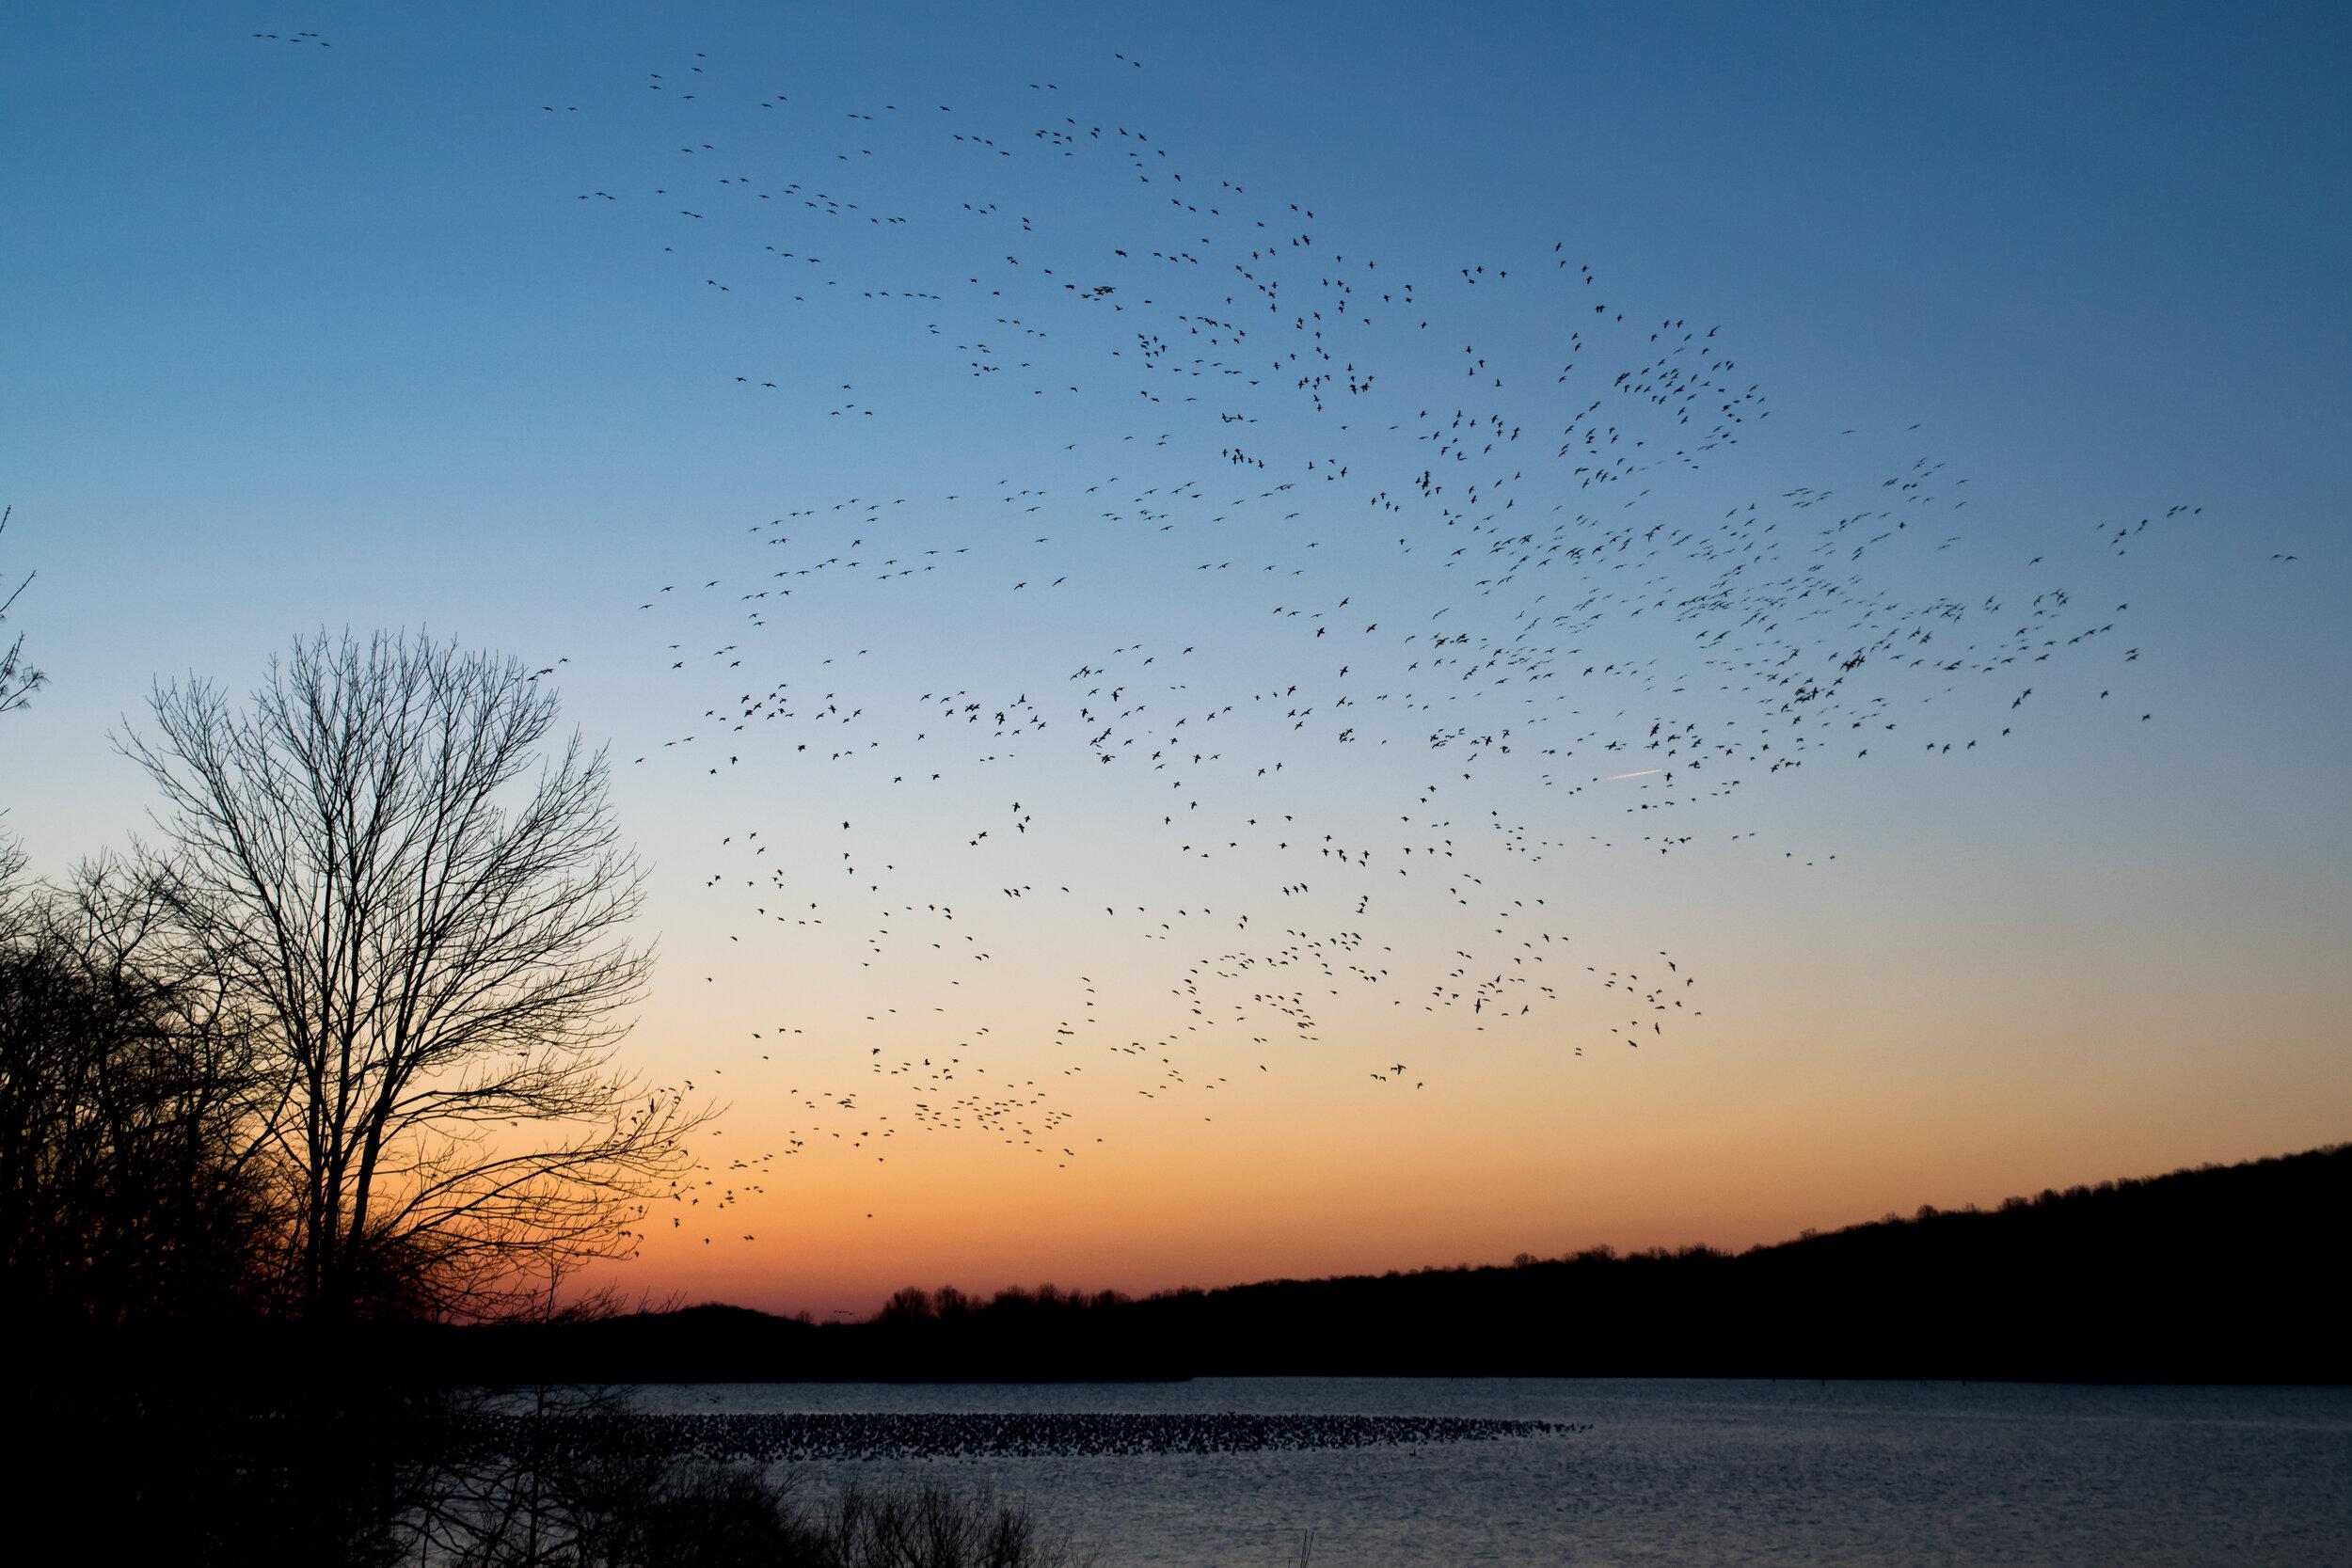 birds flying against sunset